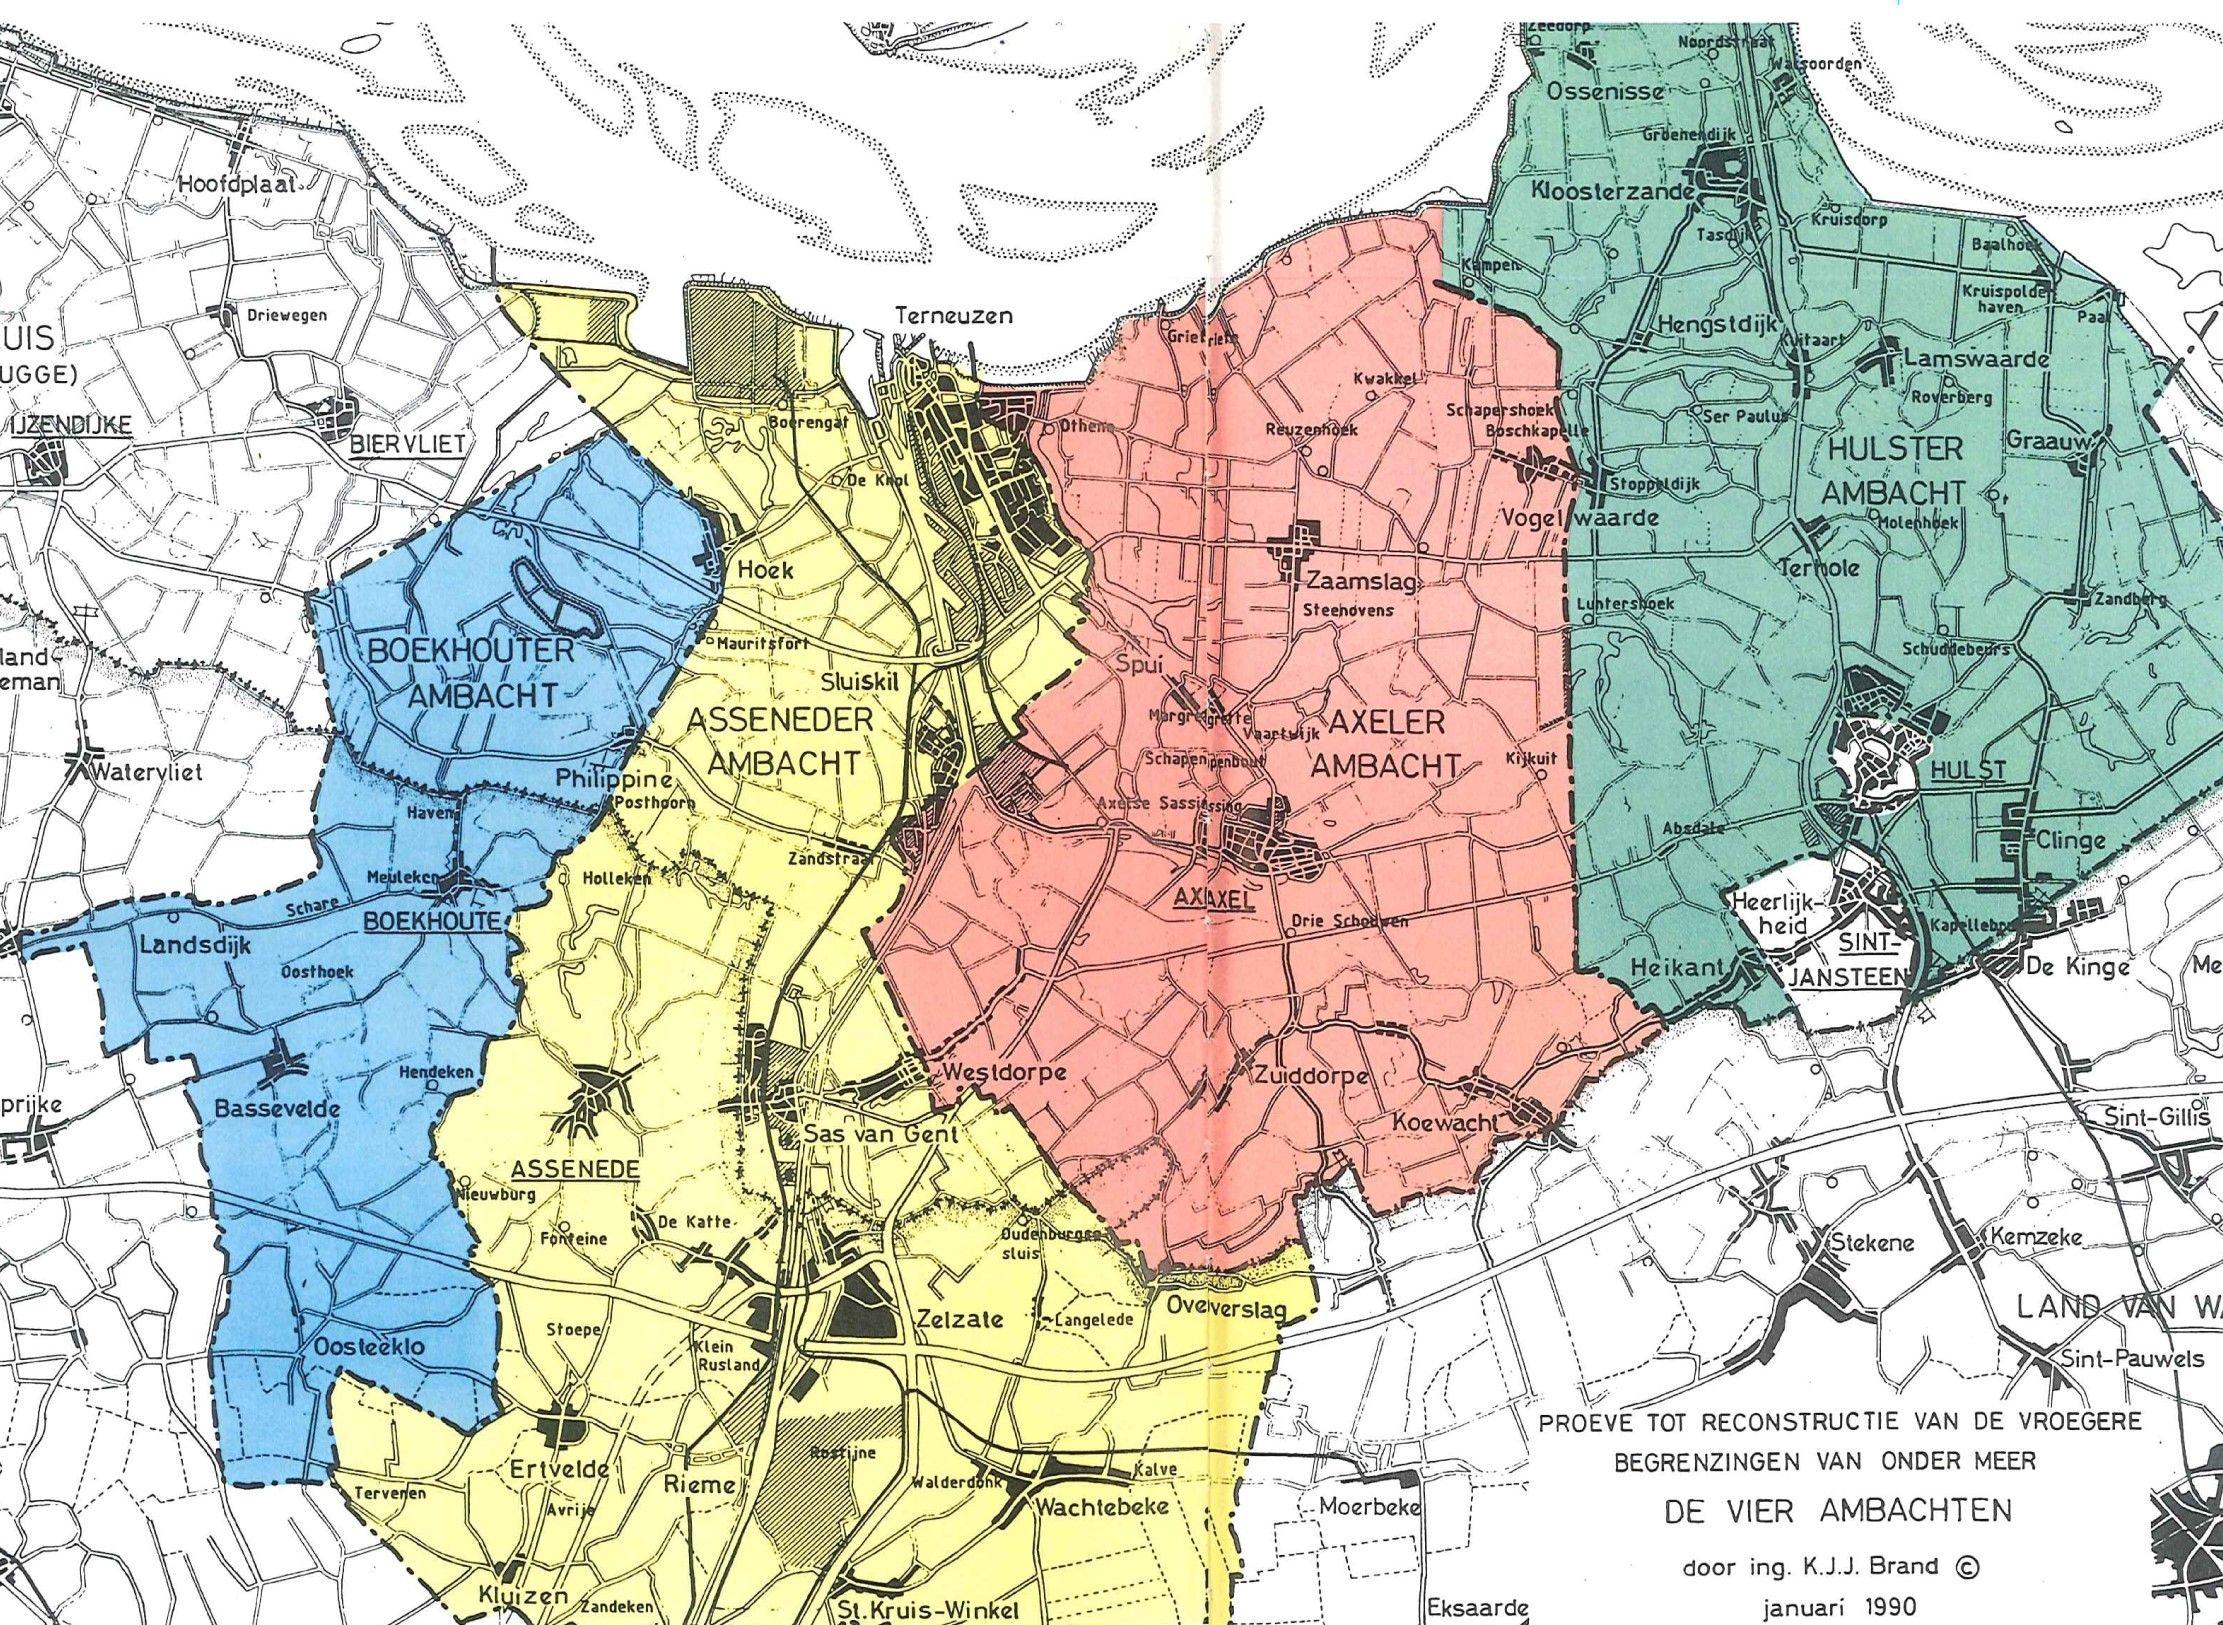 Kaart van de Vier Ambachten door K.J.J. Brand, 1990.